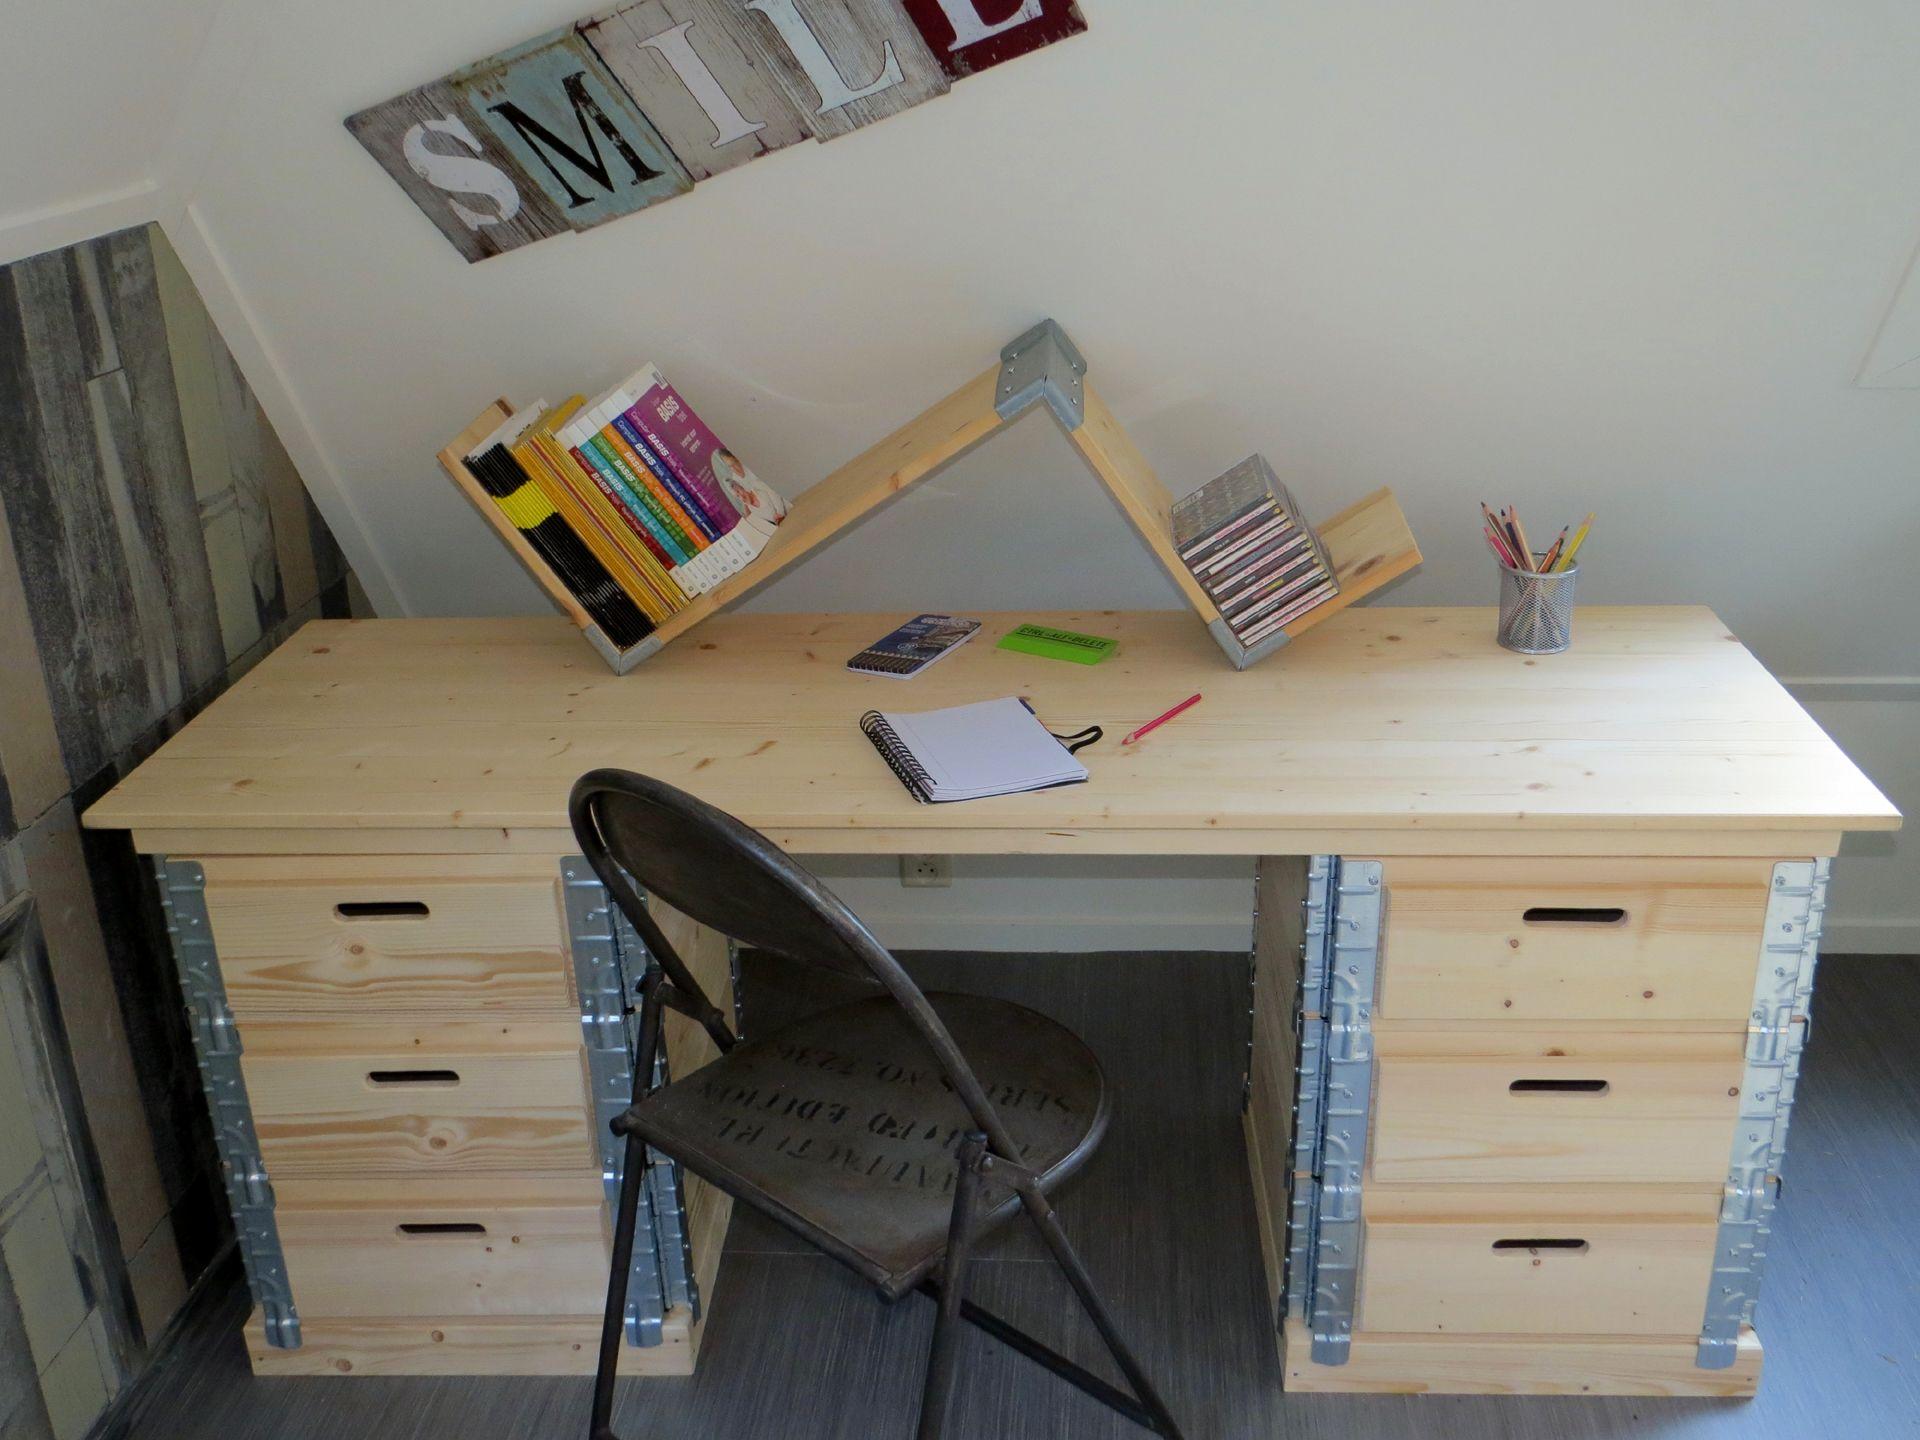 boekenplank /bureaublad opstand